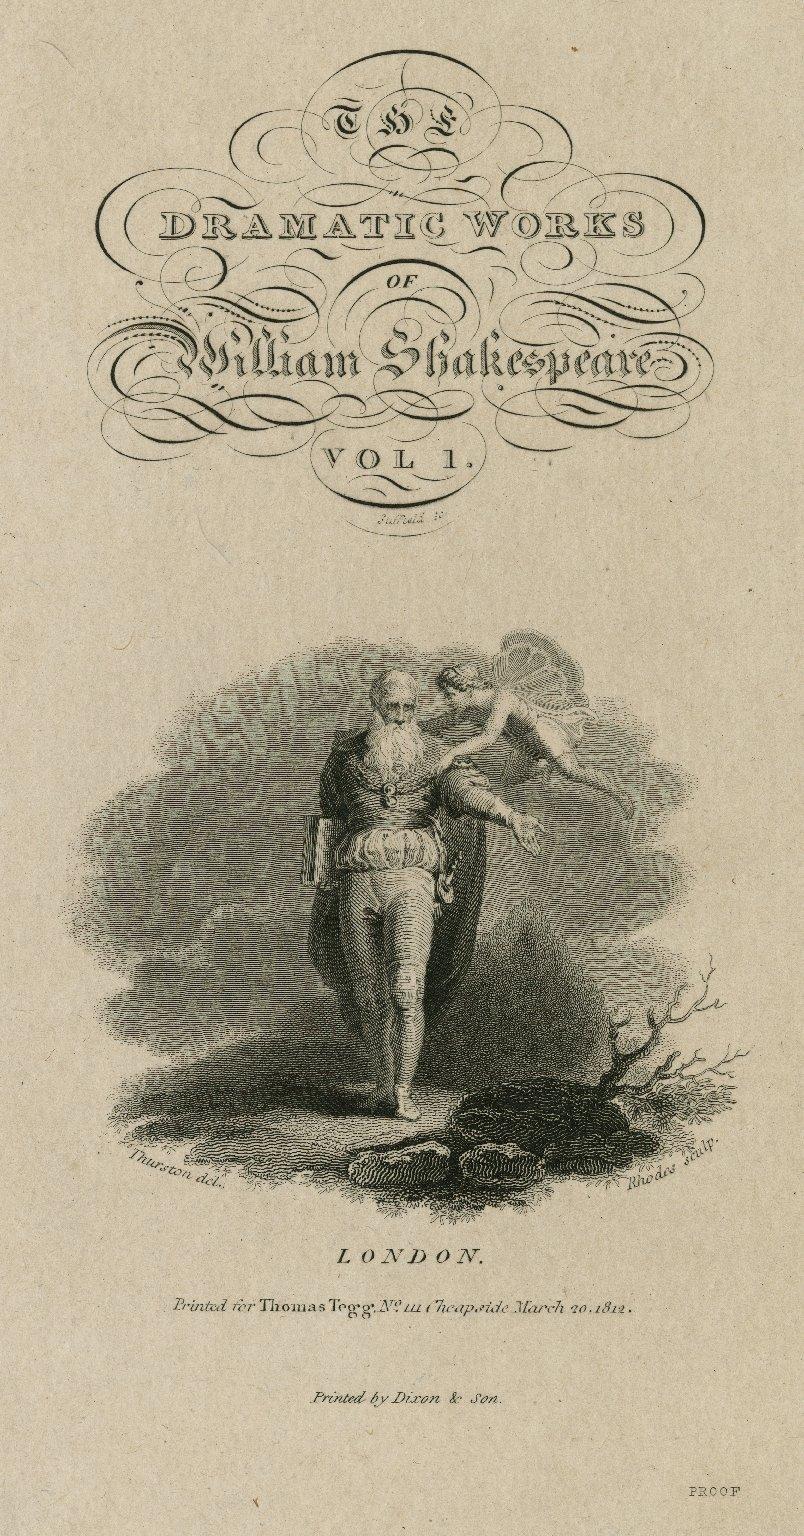 [Prospero and Ariel, Tempest, act 5, scene 1] [graphic] / Thurston del. ; Rhodes sculp.